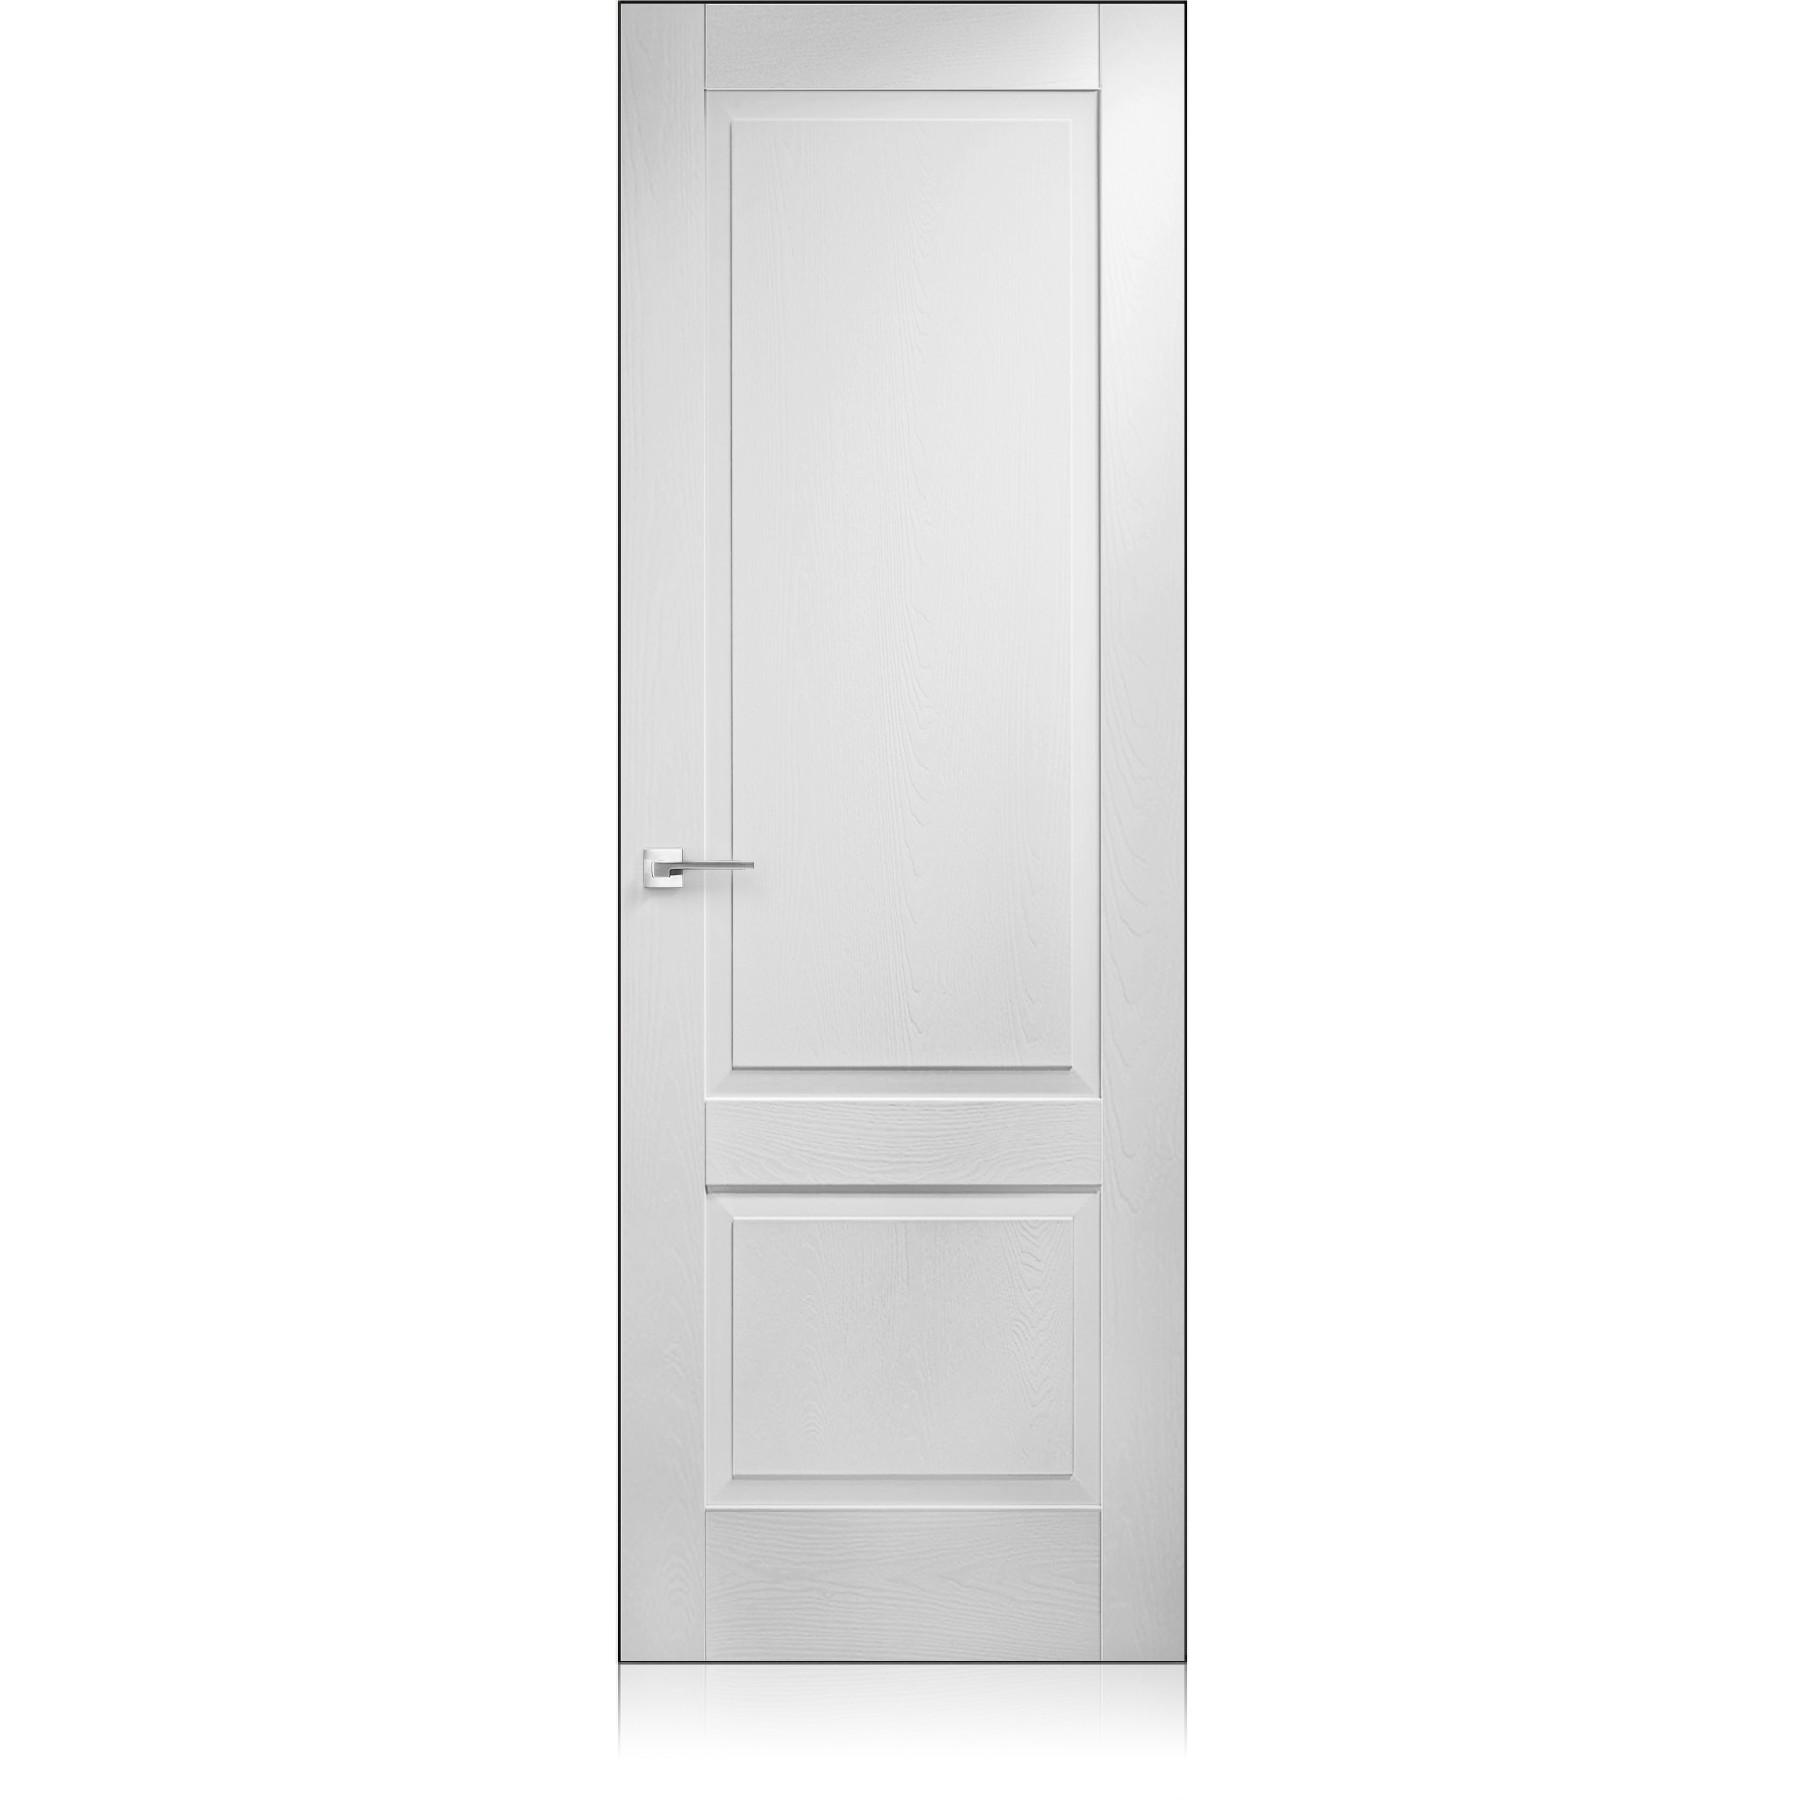 Suite / 22 Zero trame bianco optical door